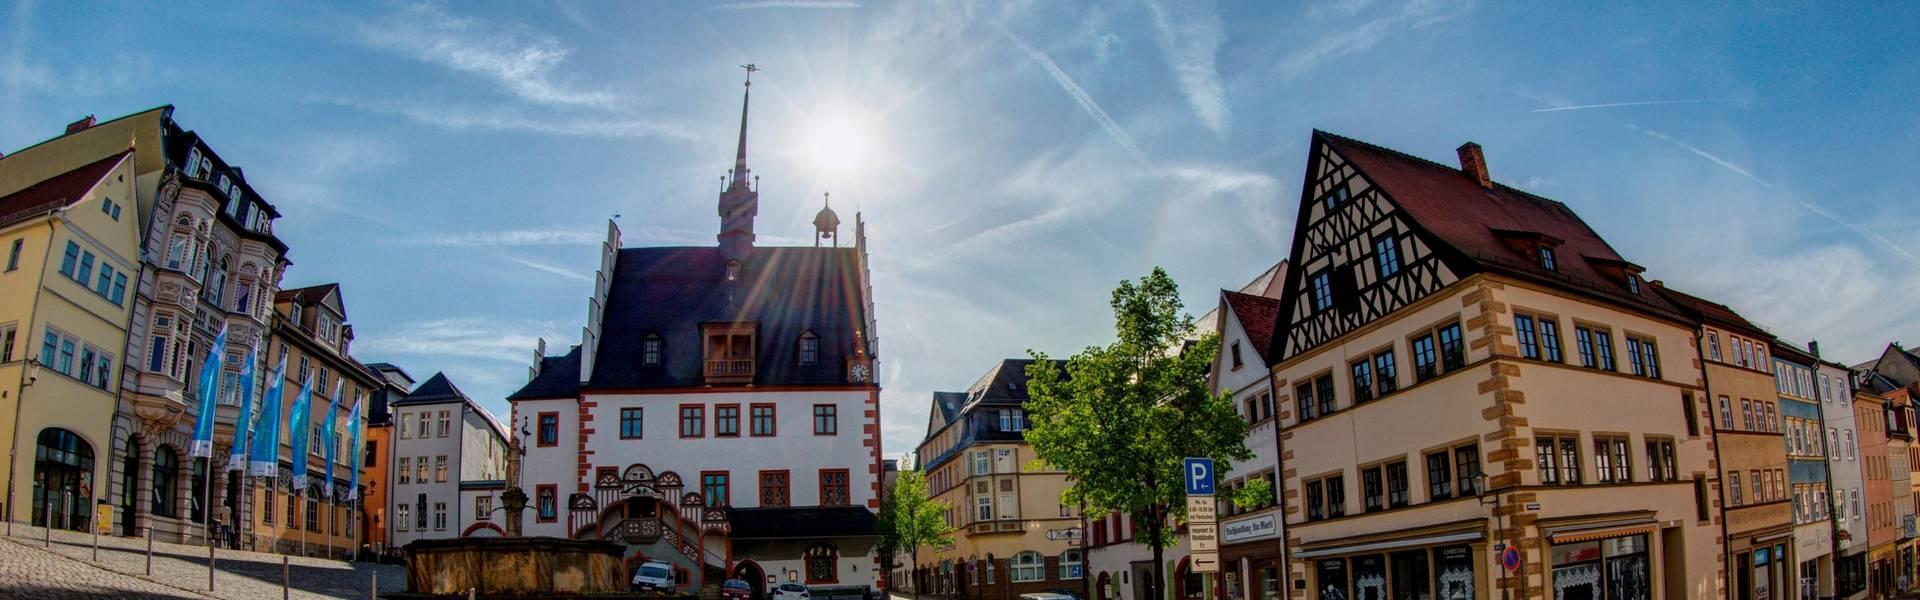 rathaus+markt foto jahn 2018 ©Fotostudio Jahn